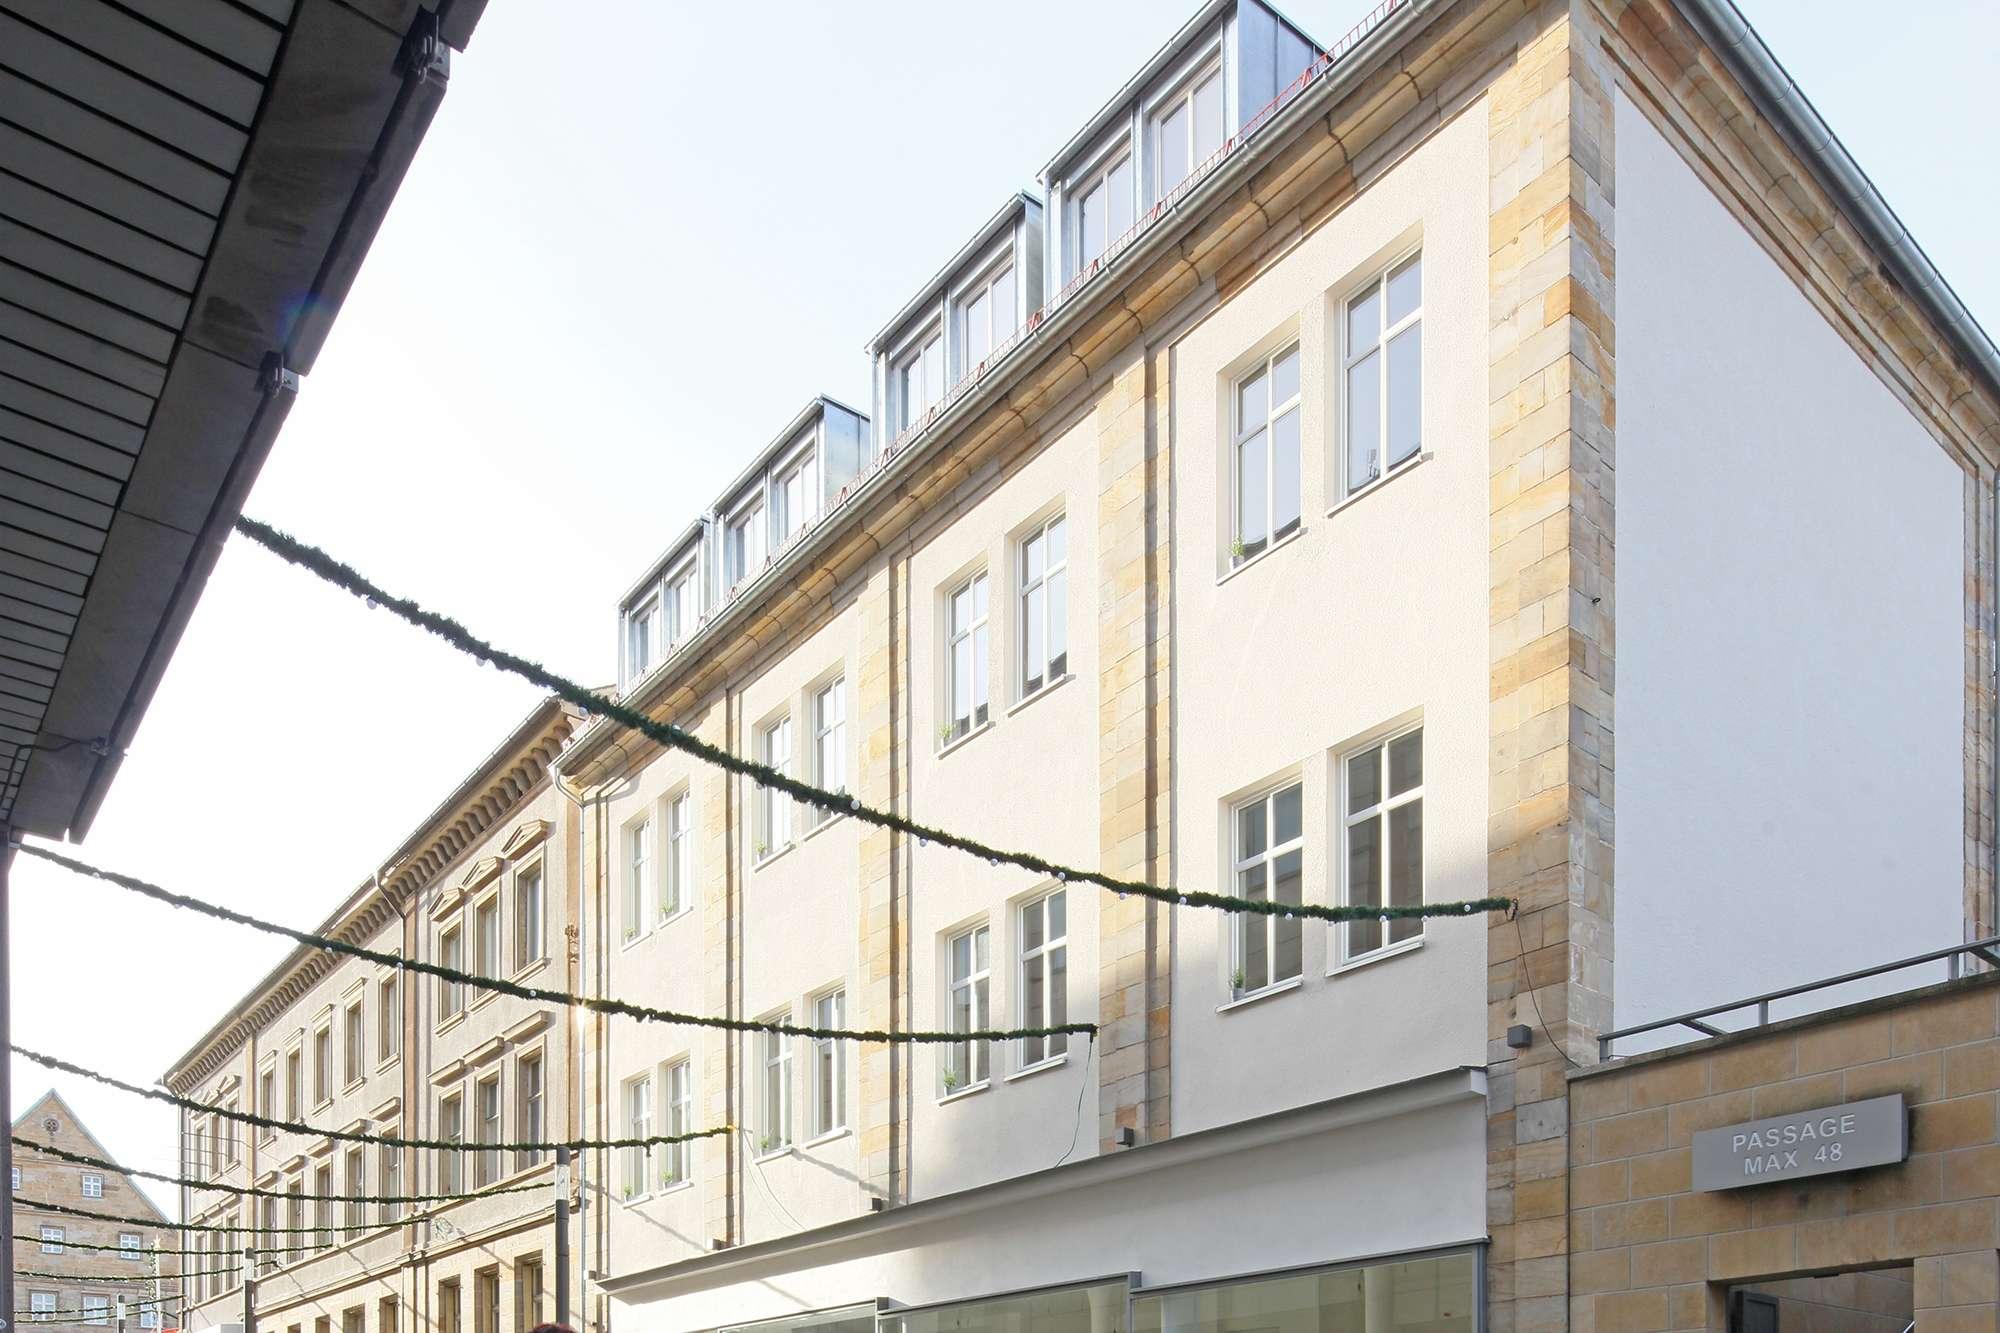 2020 kernsanierte DG-Büroetage am Marktplatz/ZOH mit Aufzug und herrlichem Ausblick über Bayreuth!